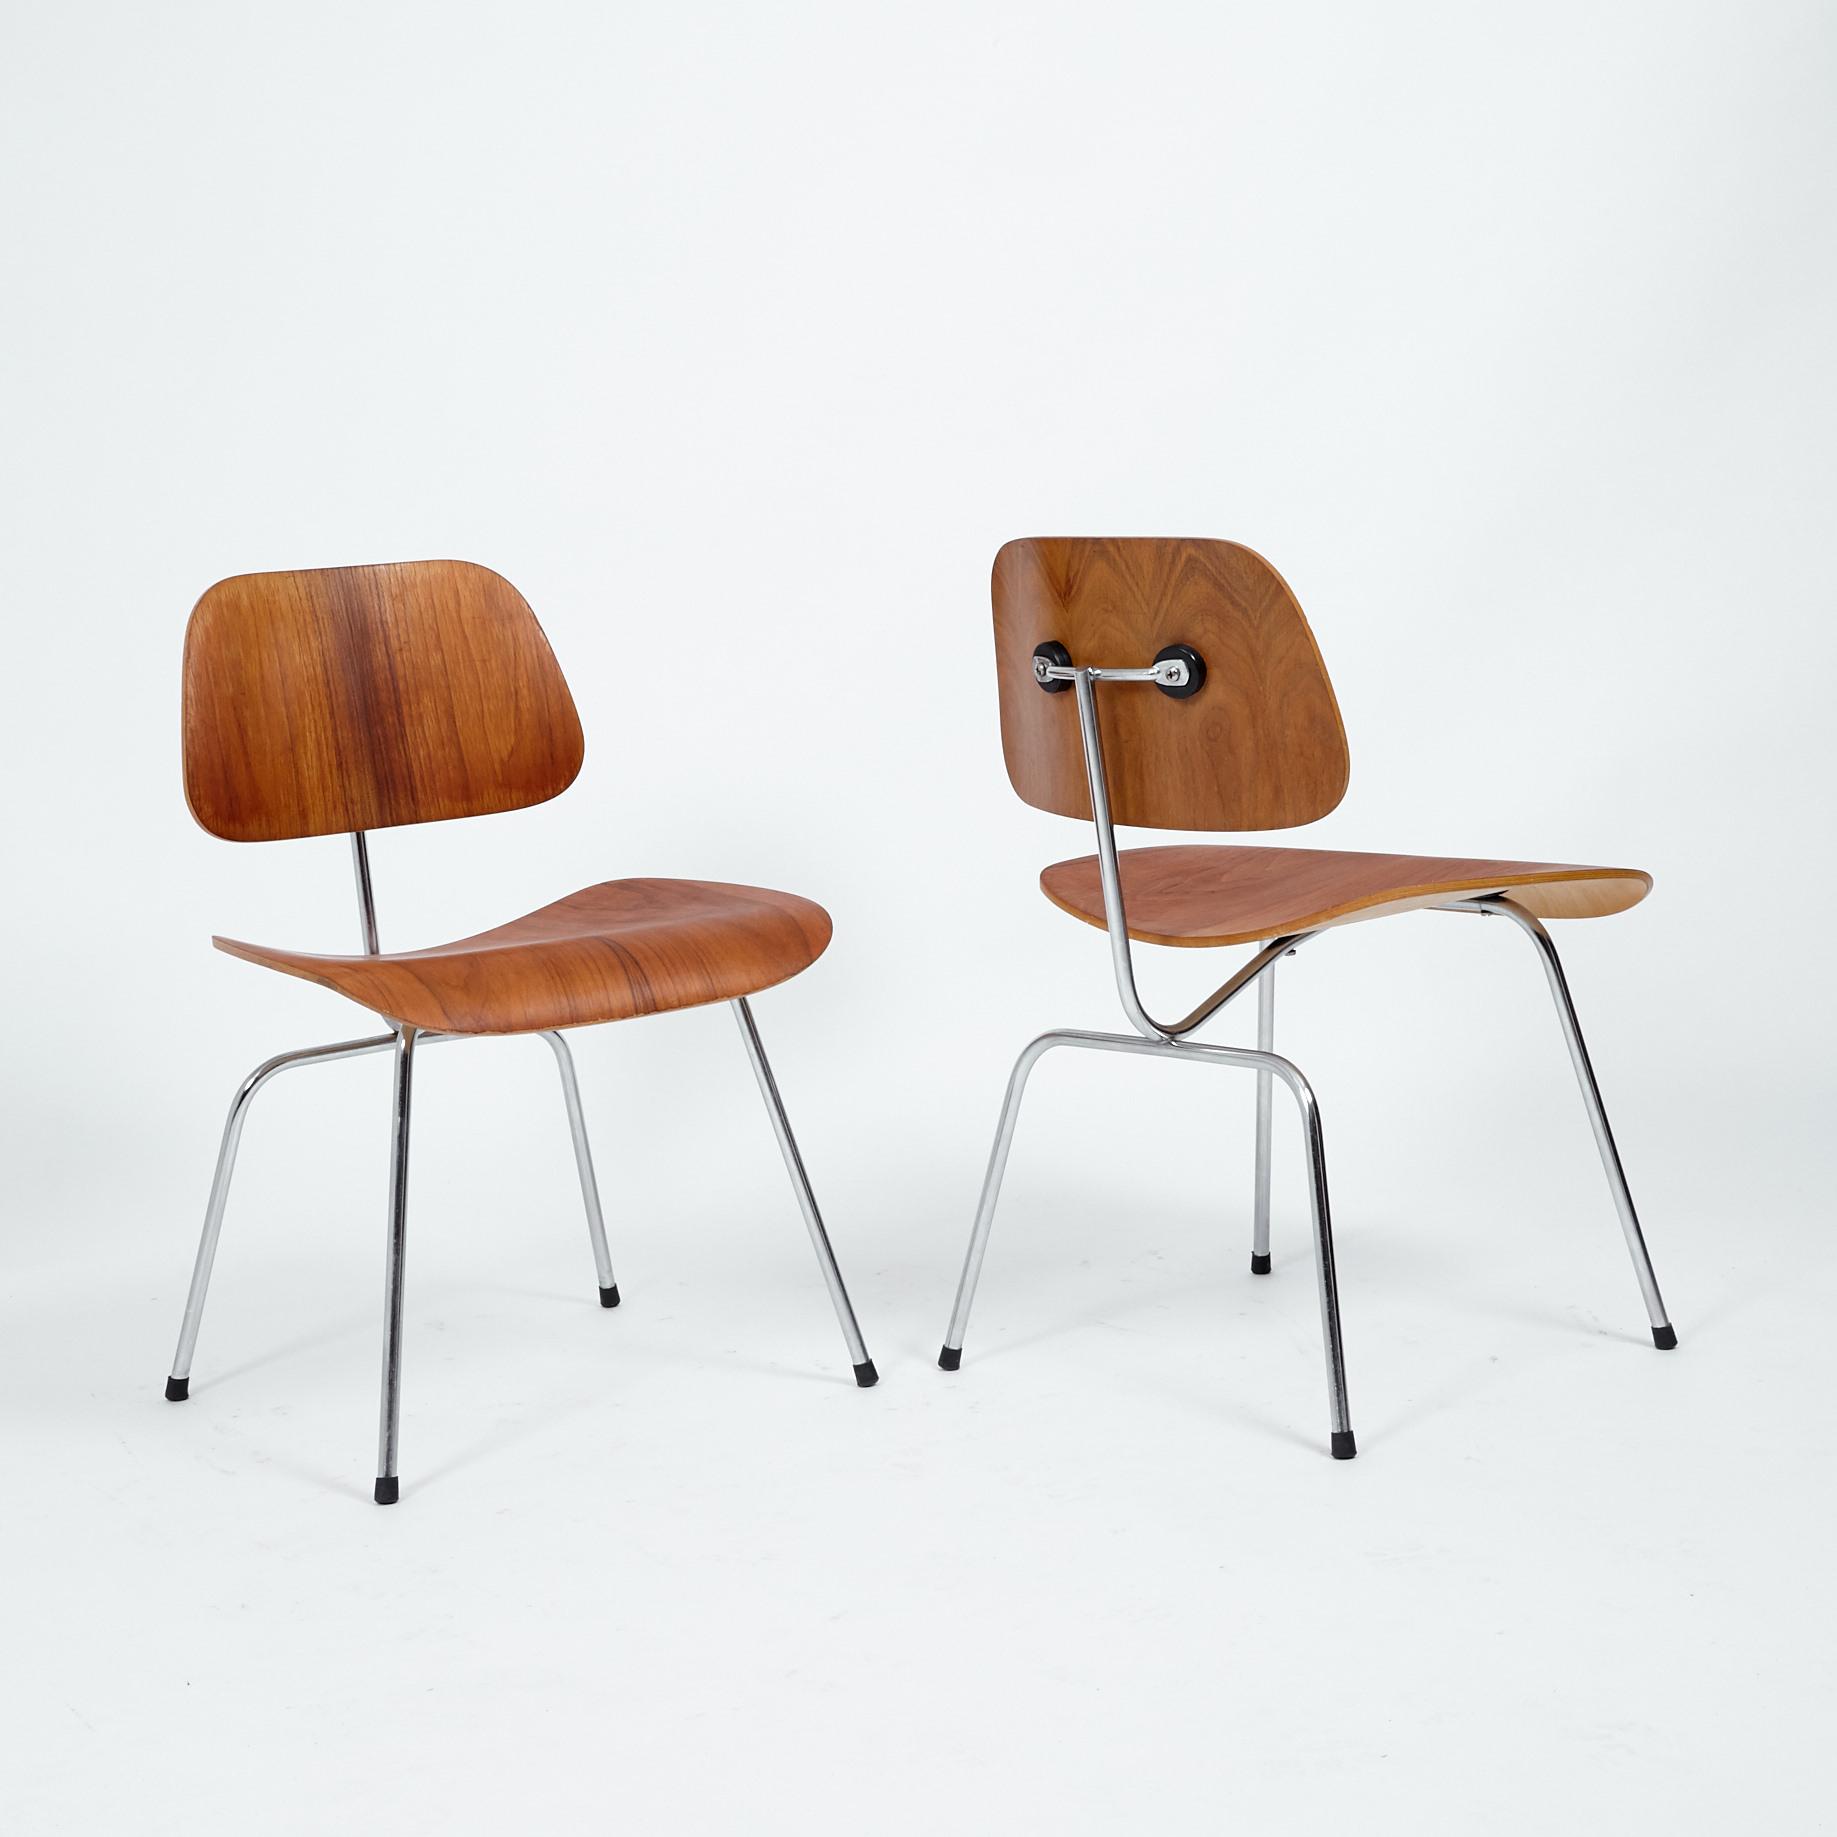 2er-Set Eames Plywood Dining Chair (DCM)   Möbel Zürich   Vintagemöbel